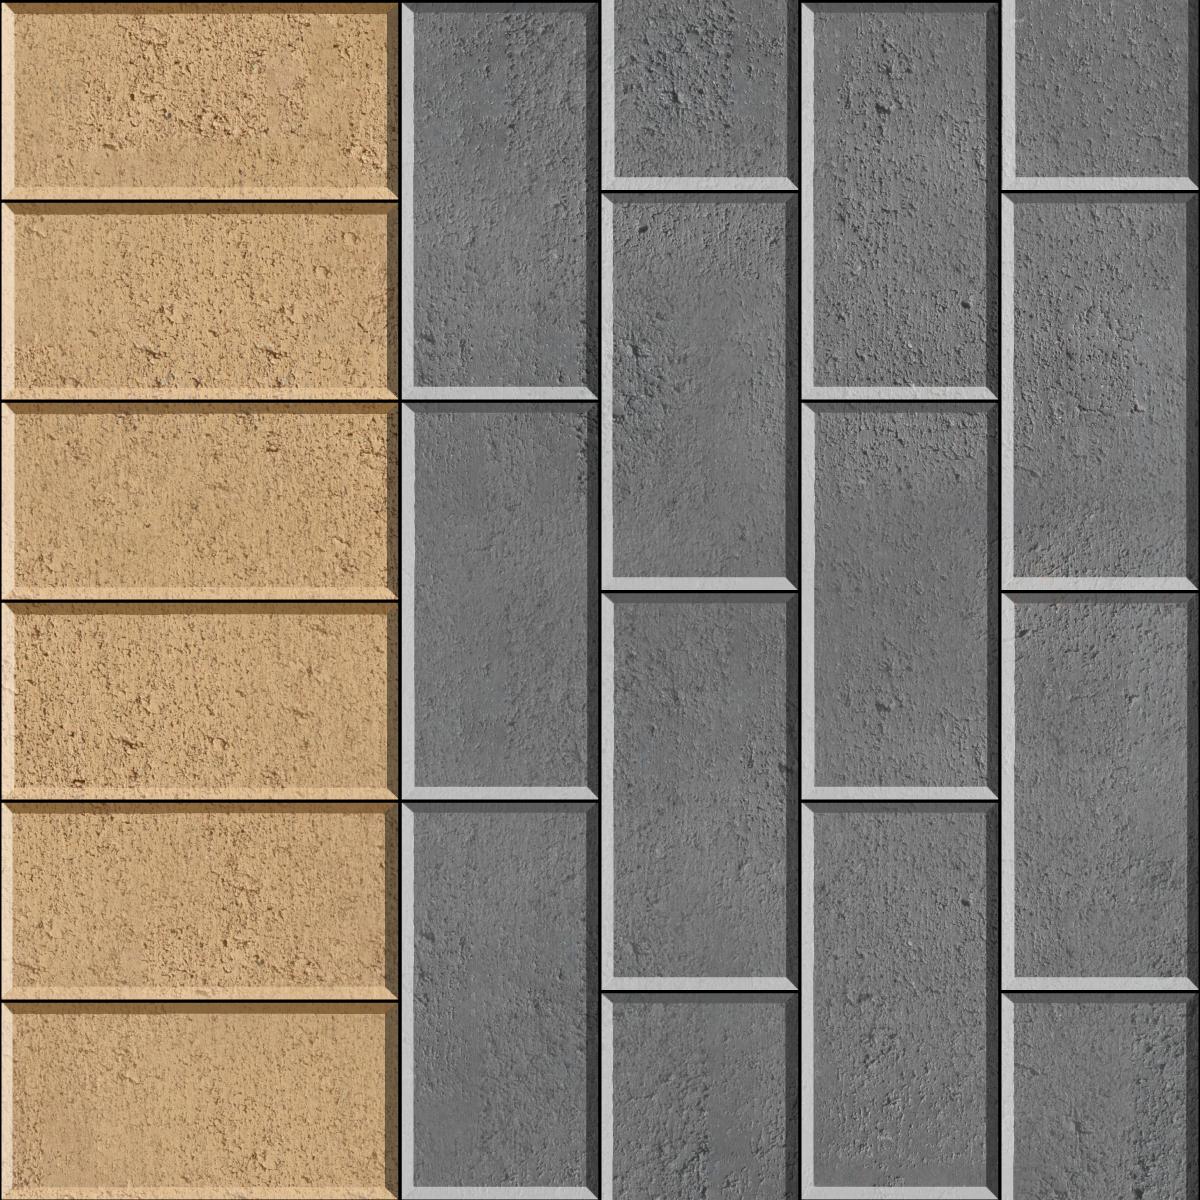 Stretcher Bond with contrasting header brick paver